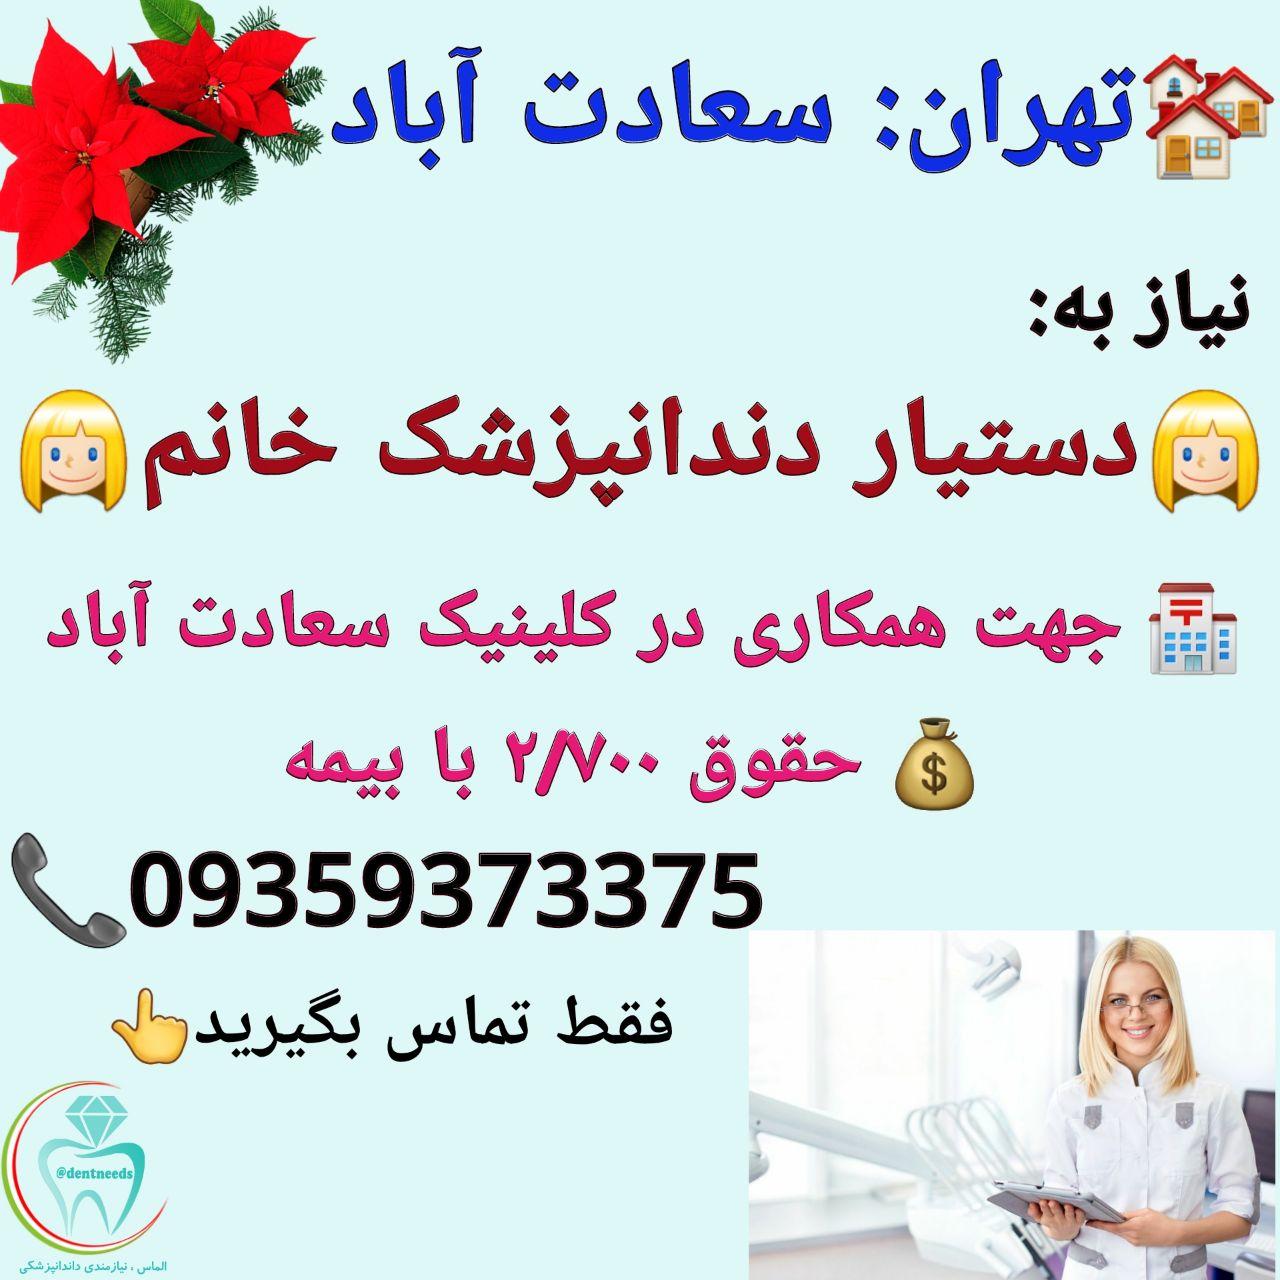 تهران: سعادت آباد، نیاز به دستیار دندانپزشک خانم